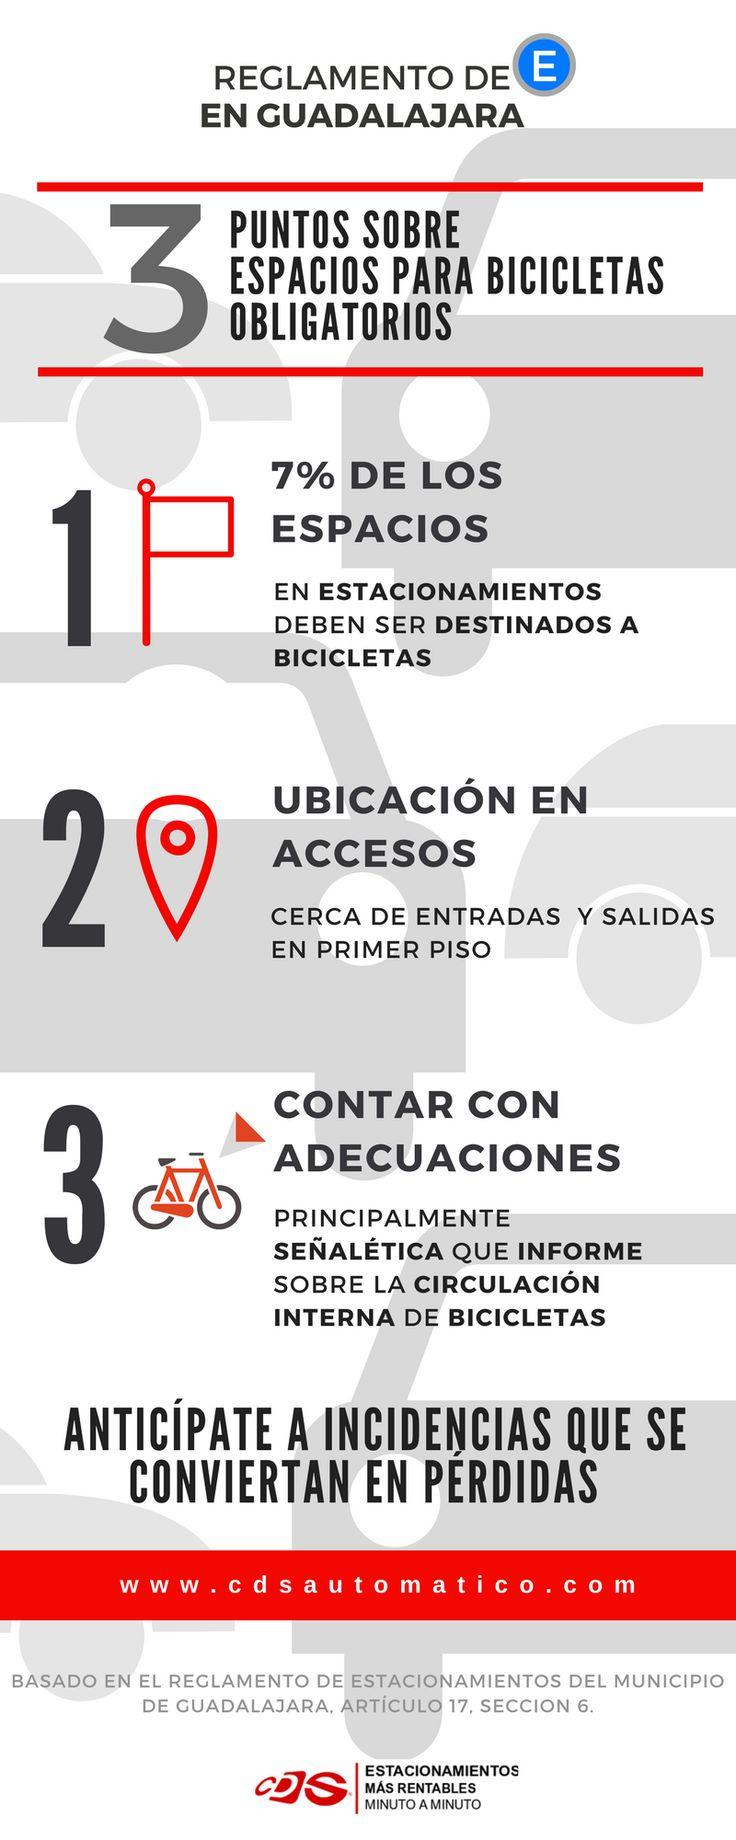 ¿Sabías que en Guadalajara deben dedicarse espacios para bicicletas dentro de los estacionamientos?